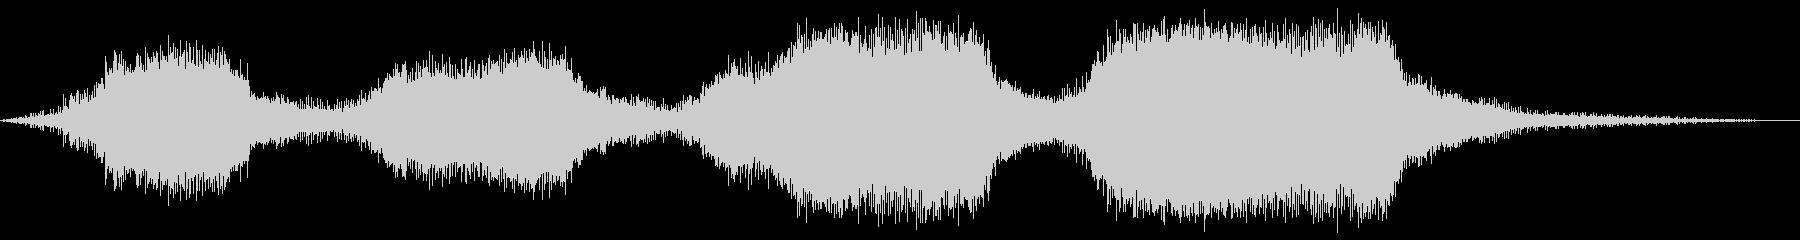 チェーンソー-操作-木材の切断の未再生の波形